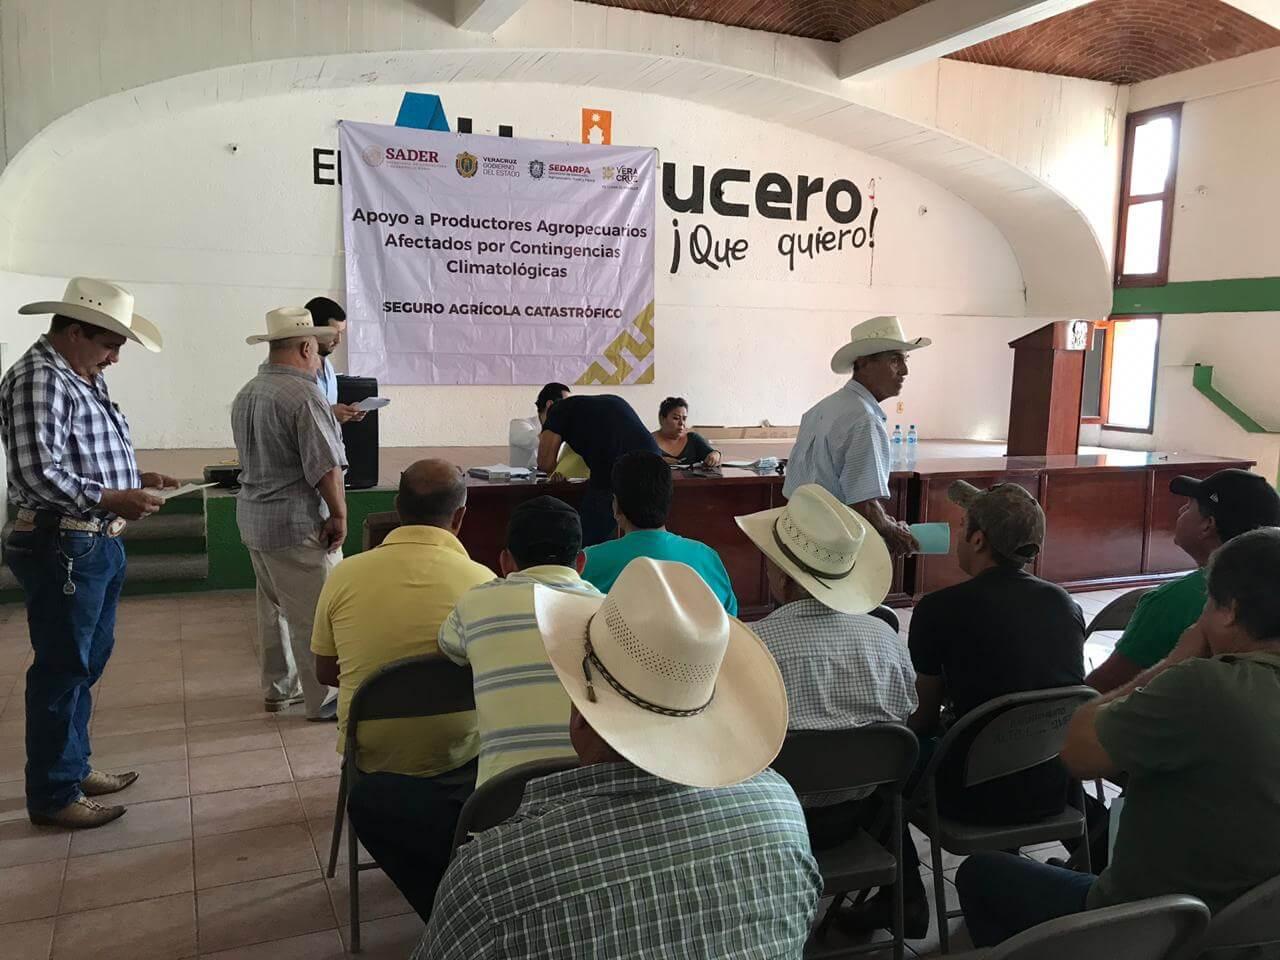 La Secretaría de Desarrollo Agropecuario, Rural y Pesca (SEDARPA) entregó un millón 050 mil pesos del Seguro Agrícola Catastrófico a 158 productores de Alto Lucero, que sufrieron afectaciones por la sequía.